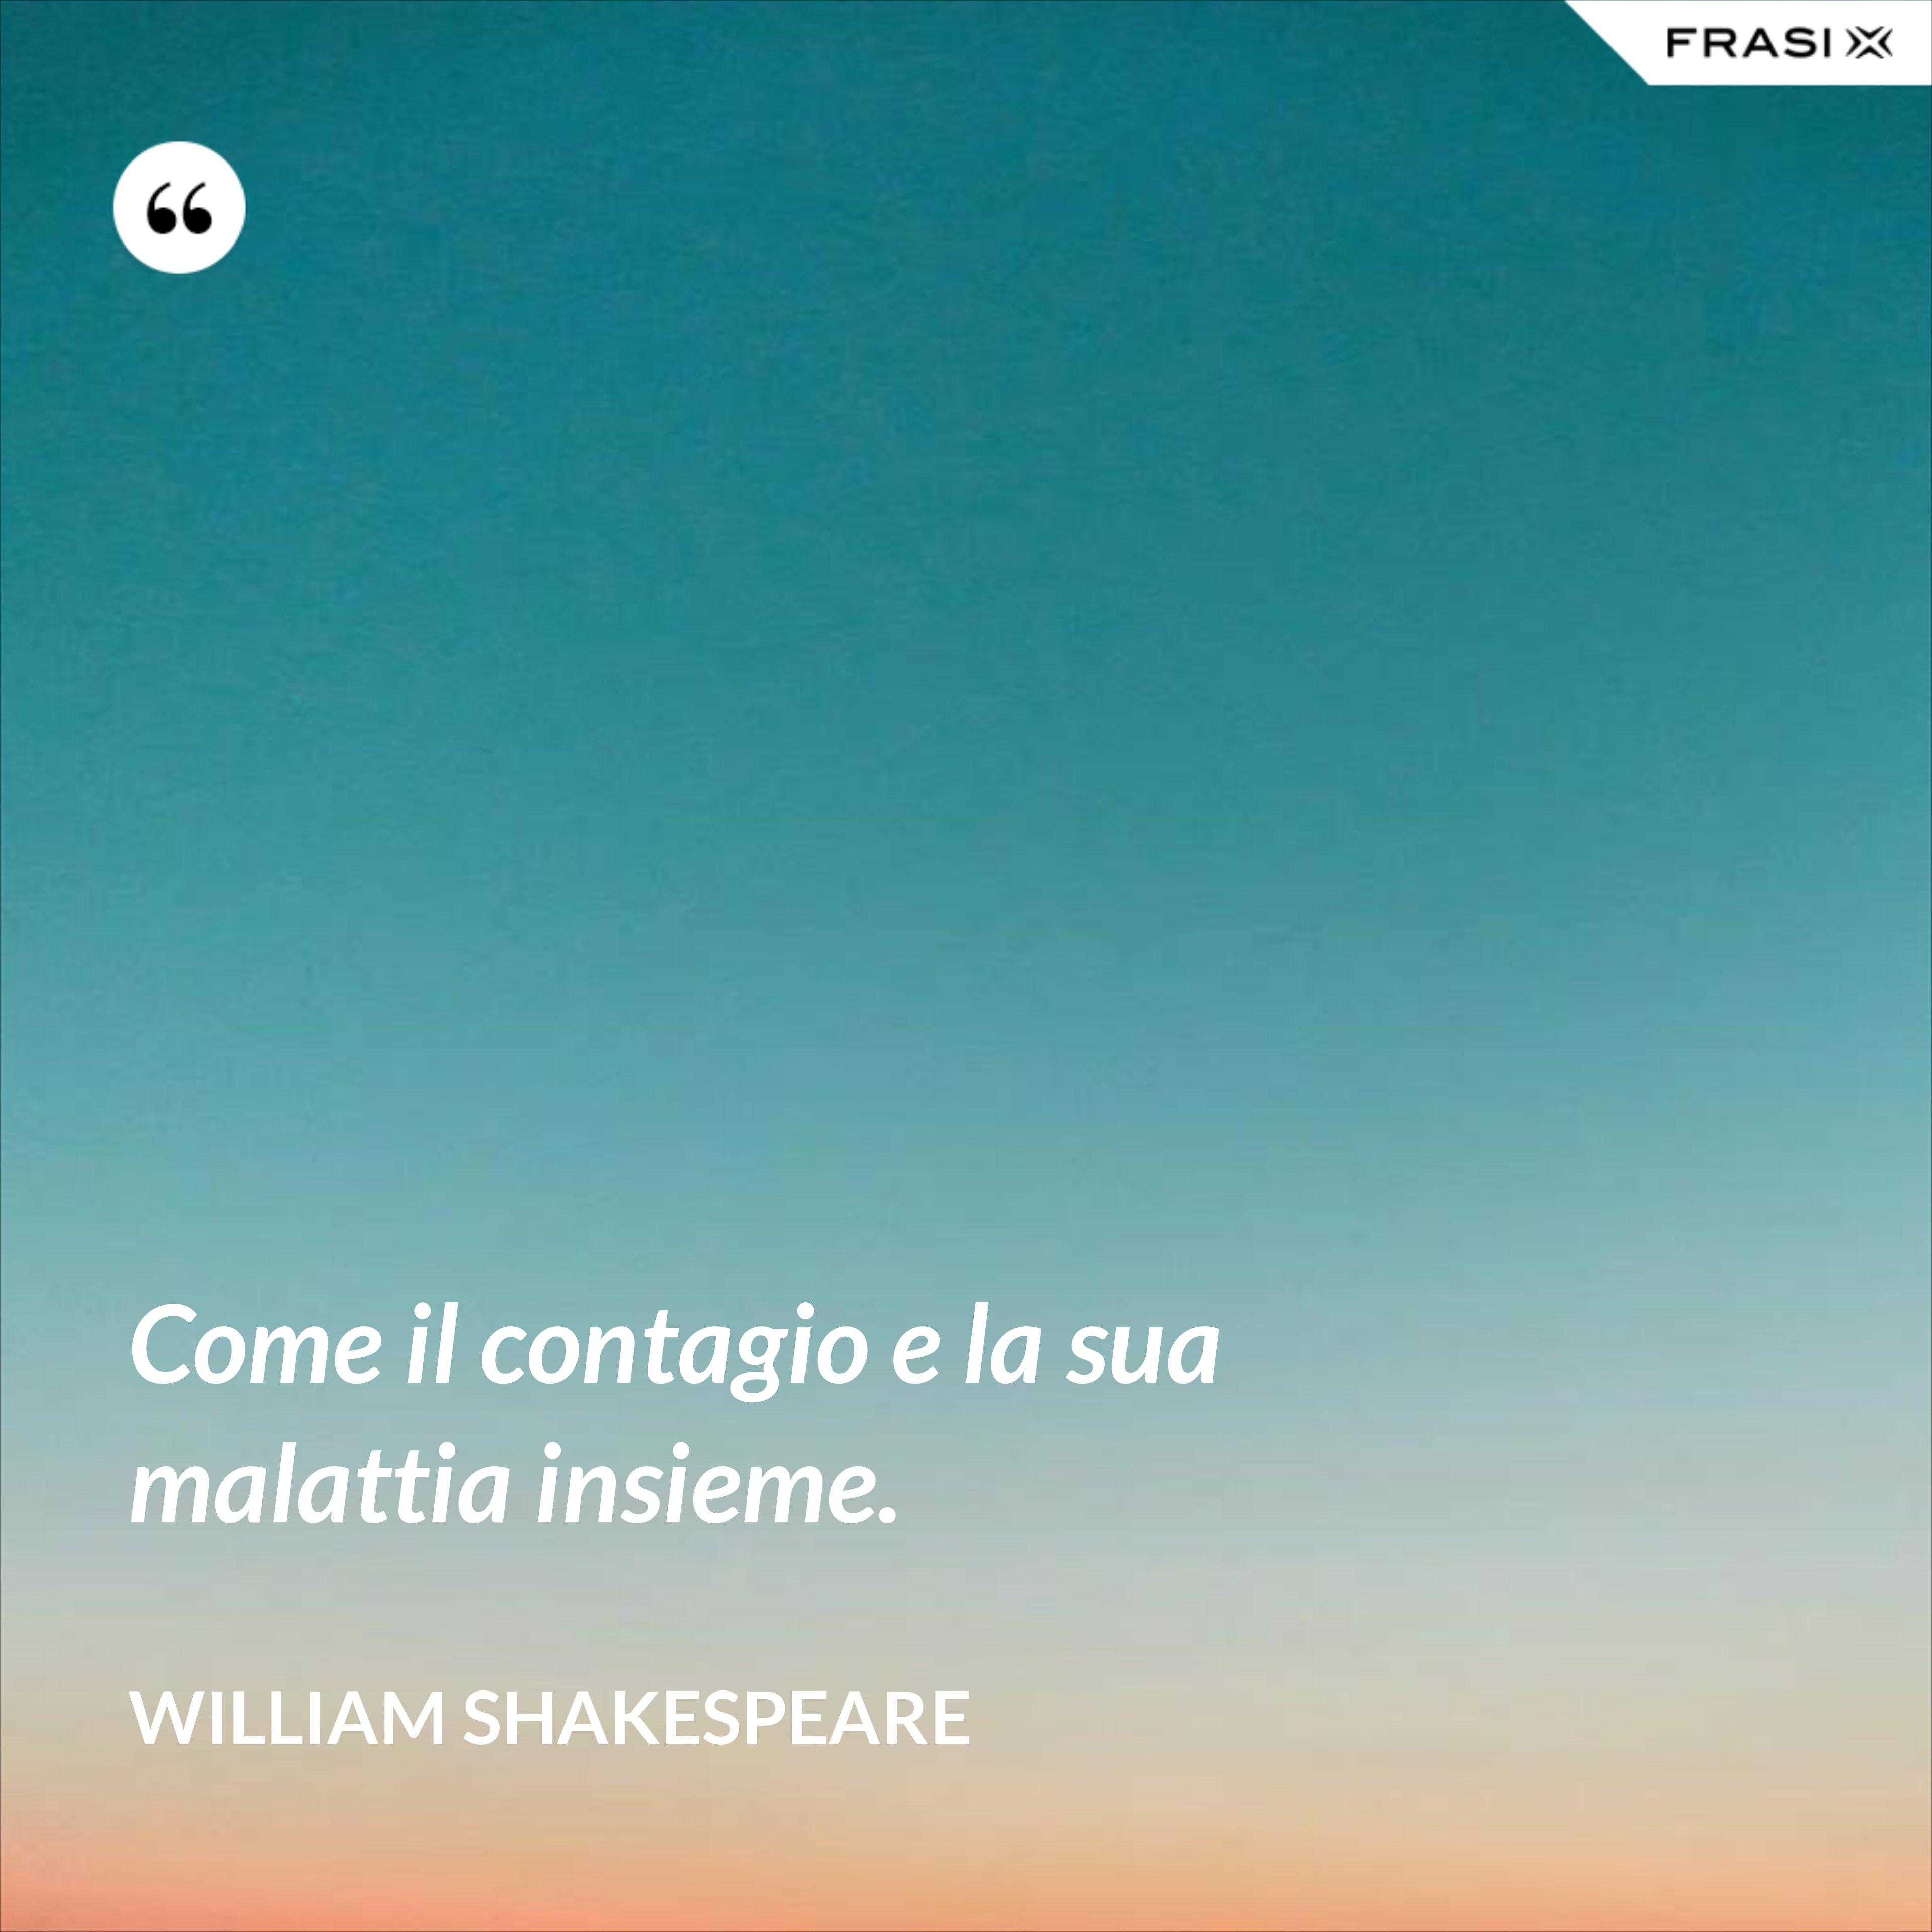 Come il contagio e la sua malattia insieme. - William Shakespeare